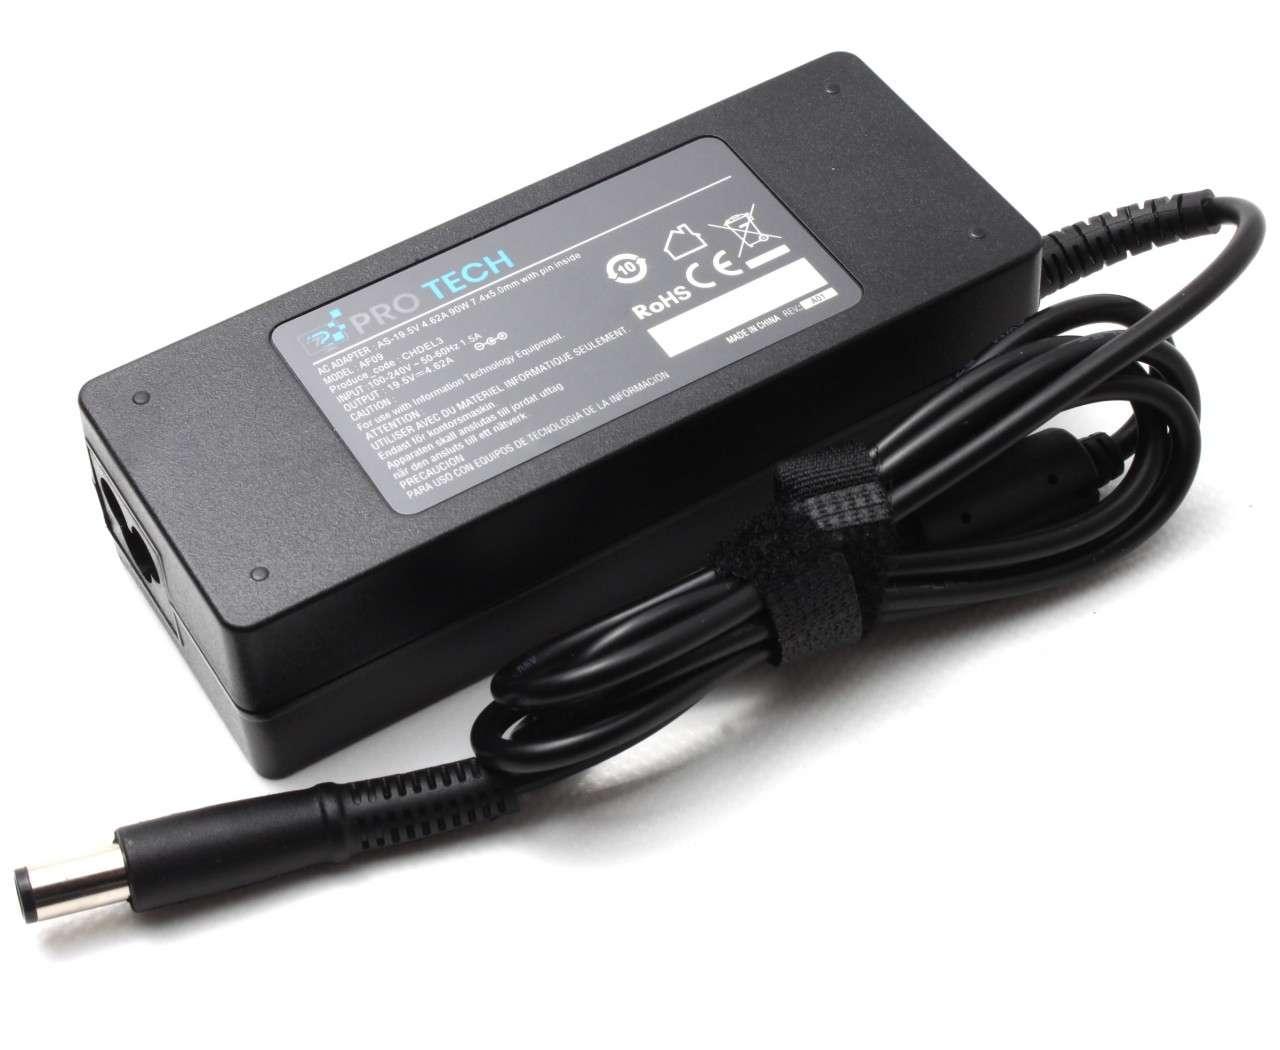 Incarcator Dell Latitude 131L Replacement imagine powerlaptop.ro 2021